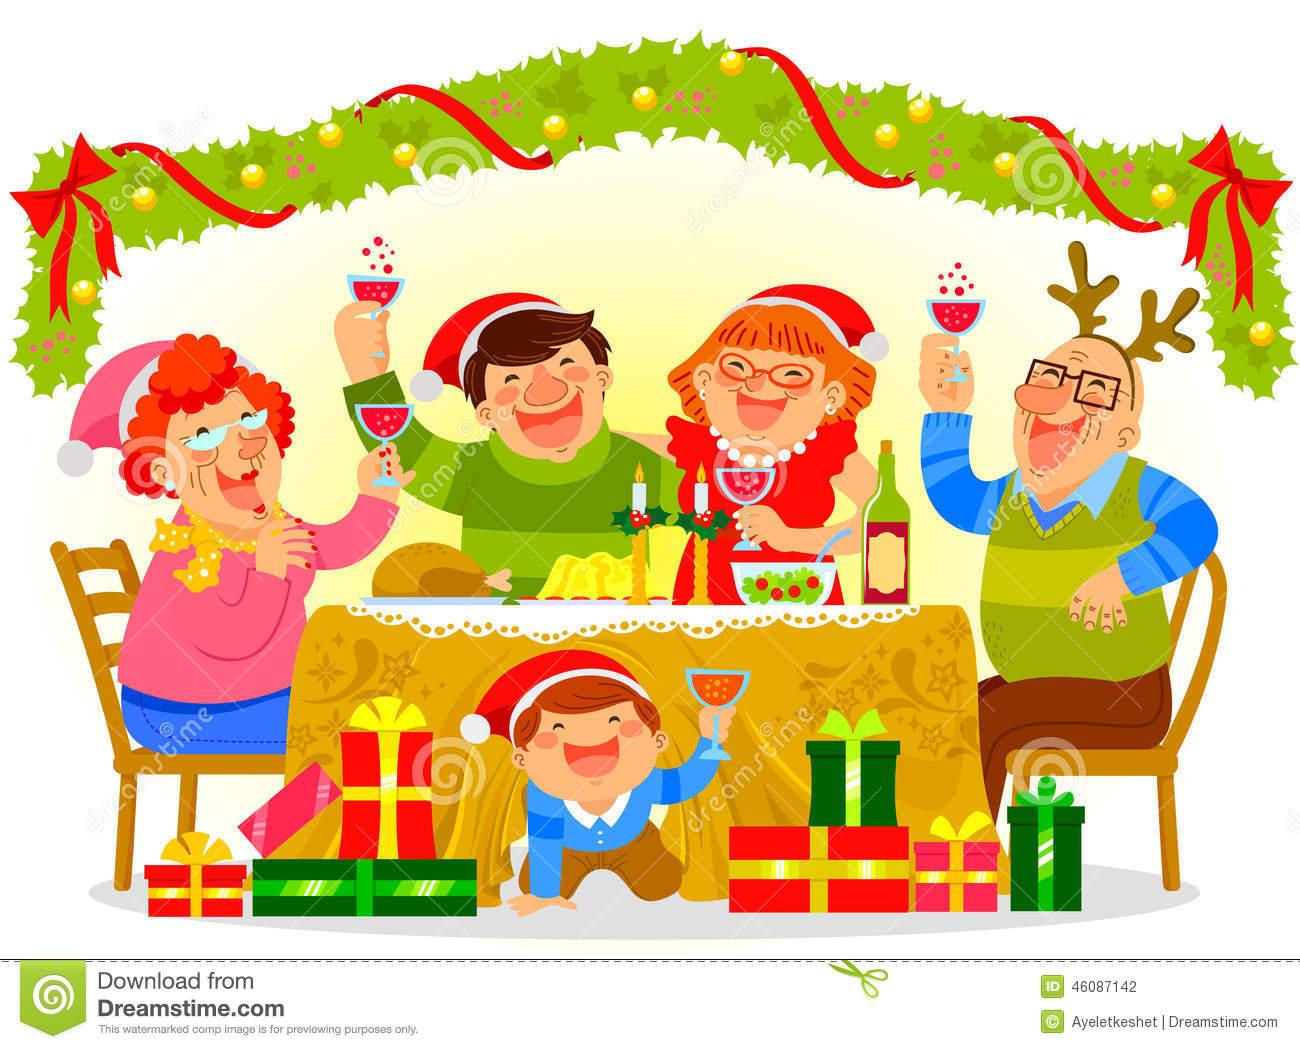 Family Christmas Dinner Clipart Family C-Family Christmas Dinner Clipart Family Christmas Dinner-16